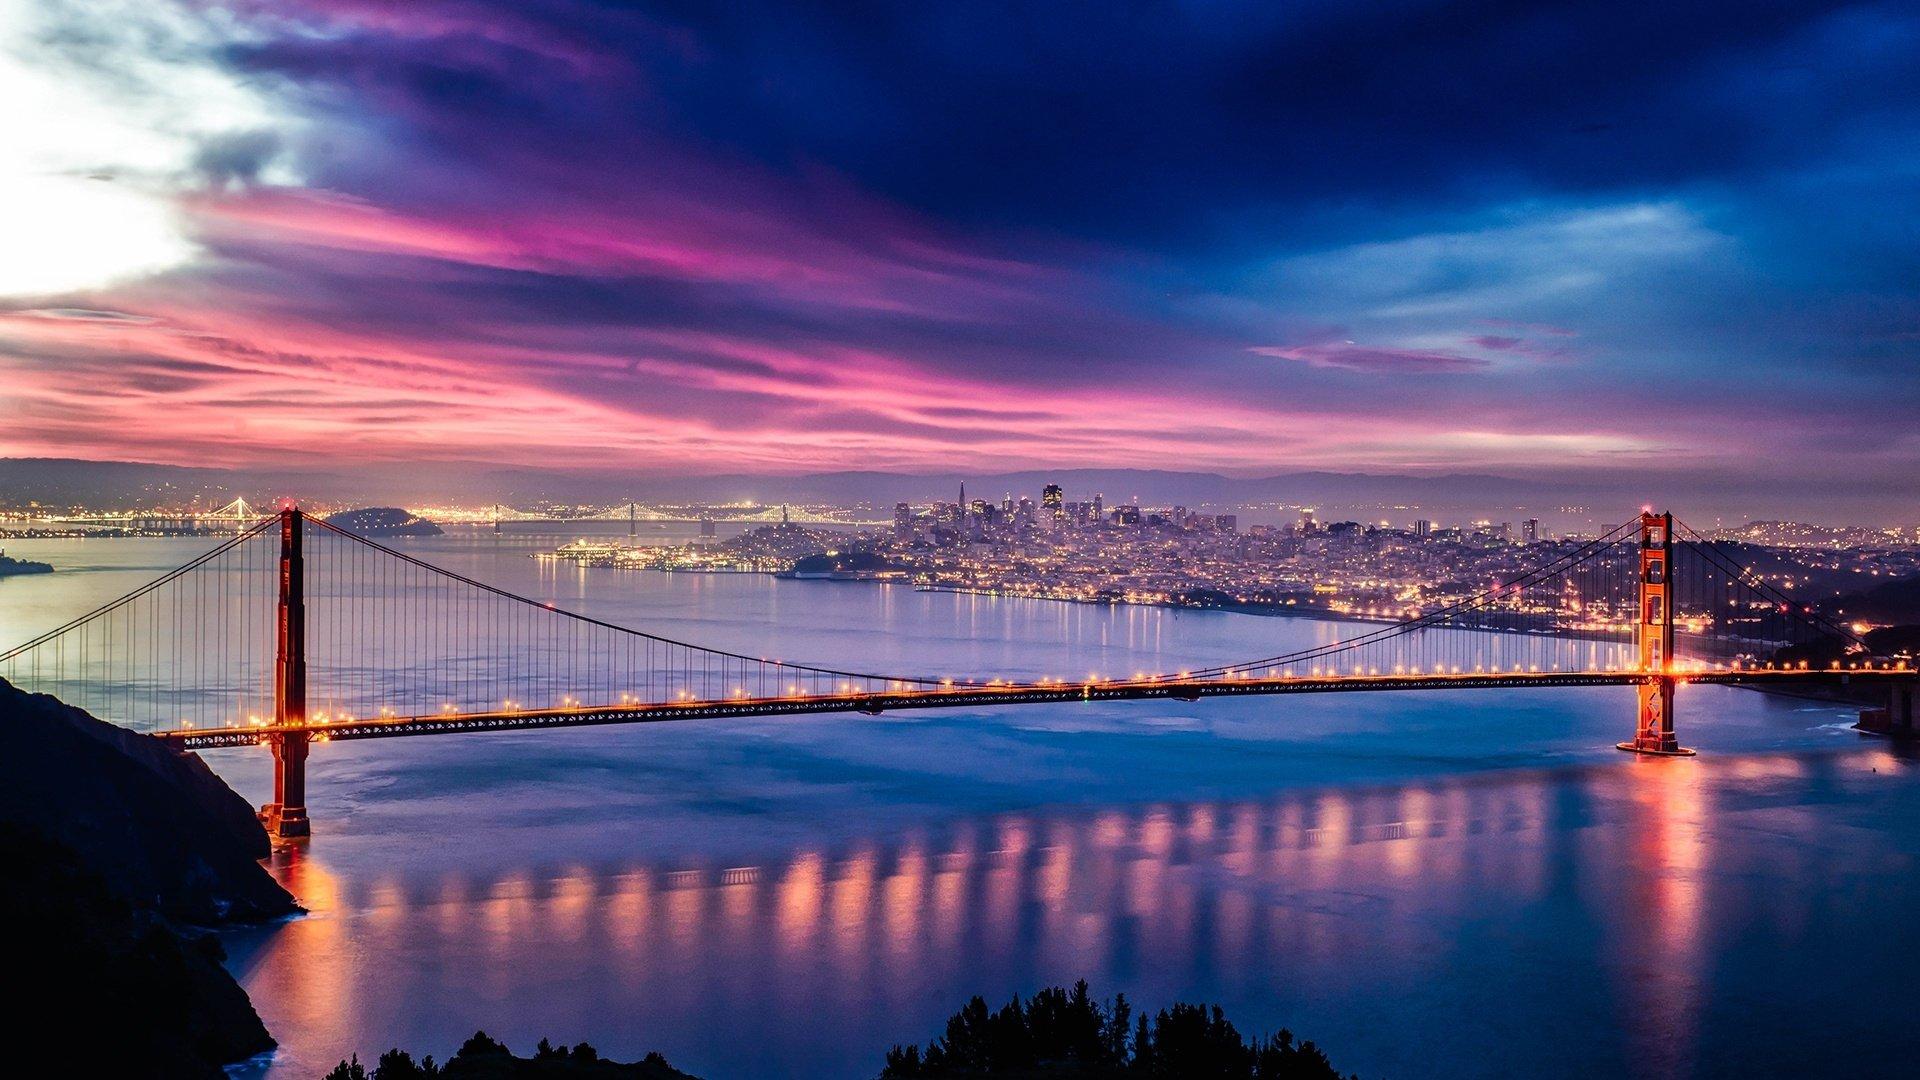 Golden Gate Fond D Ecran Hd Arriere Plan 1920x1080 Id